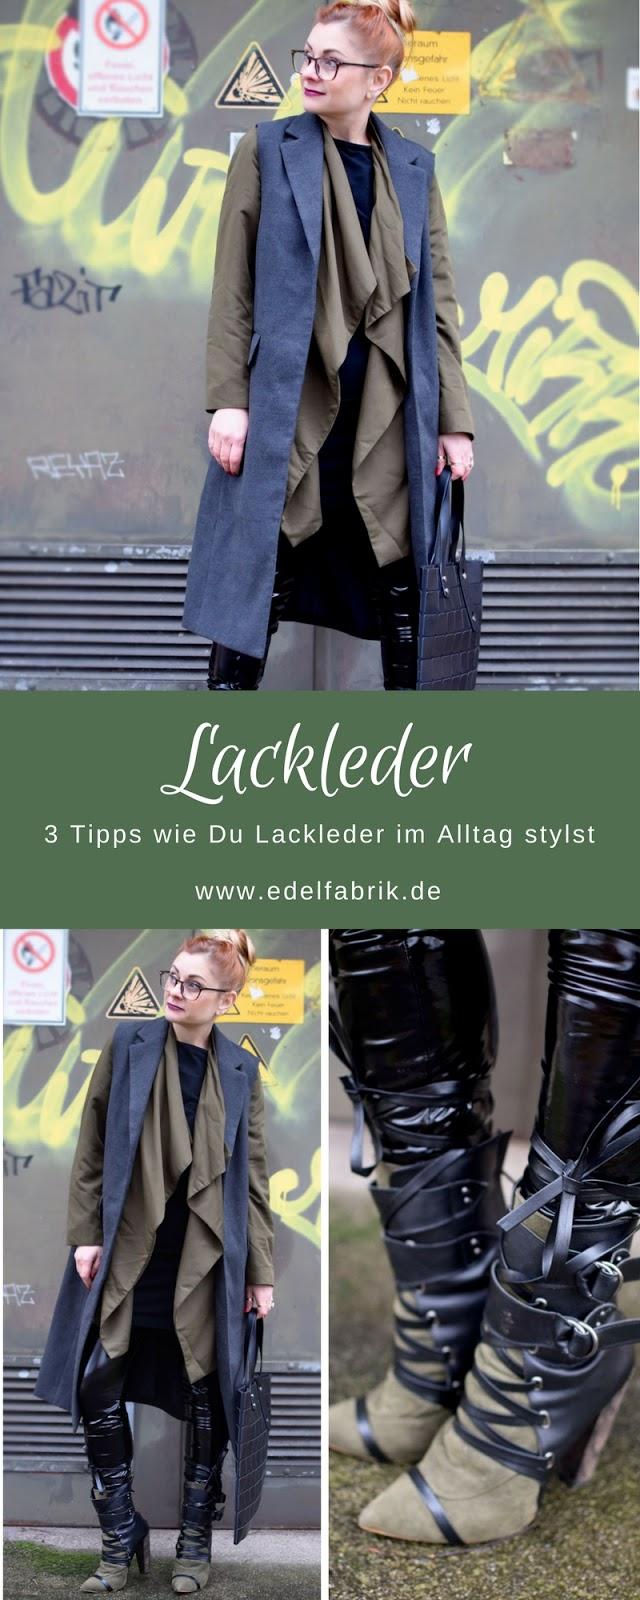 Lackleder in Alltag, Modeblog, Fashionblog